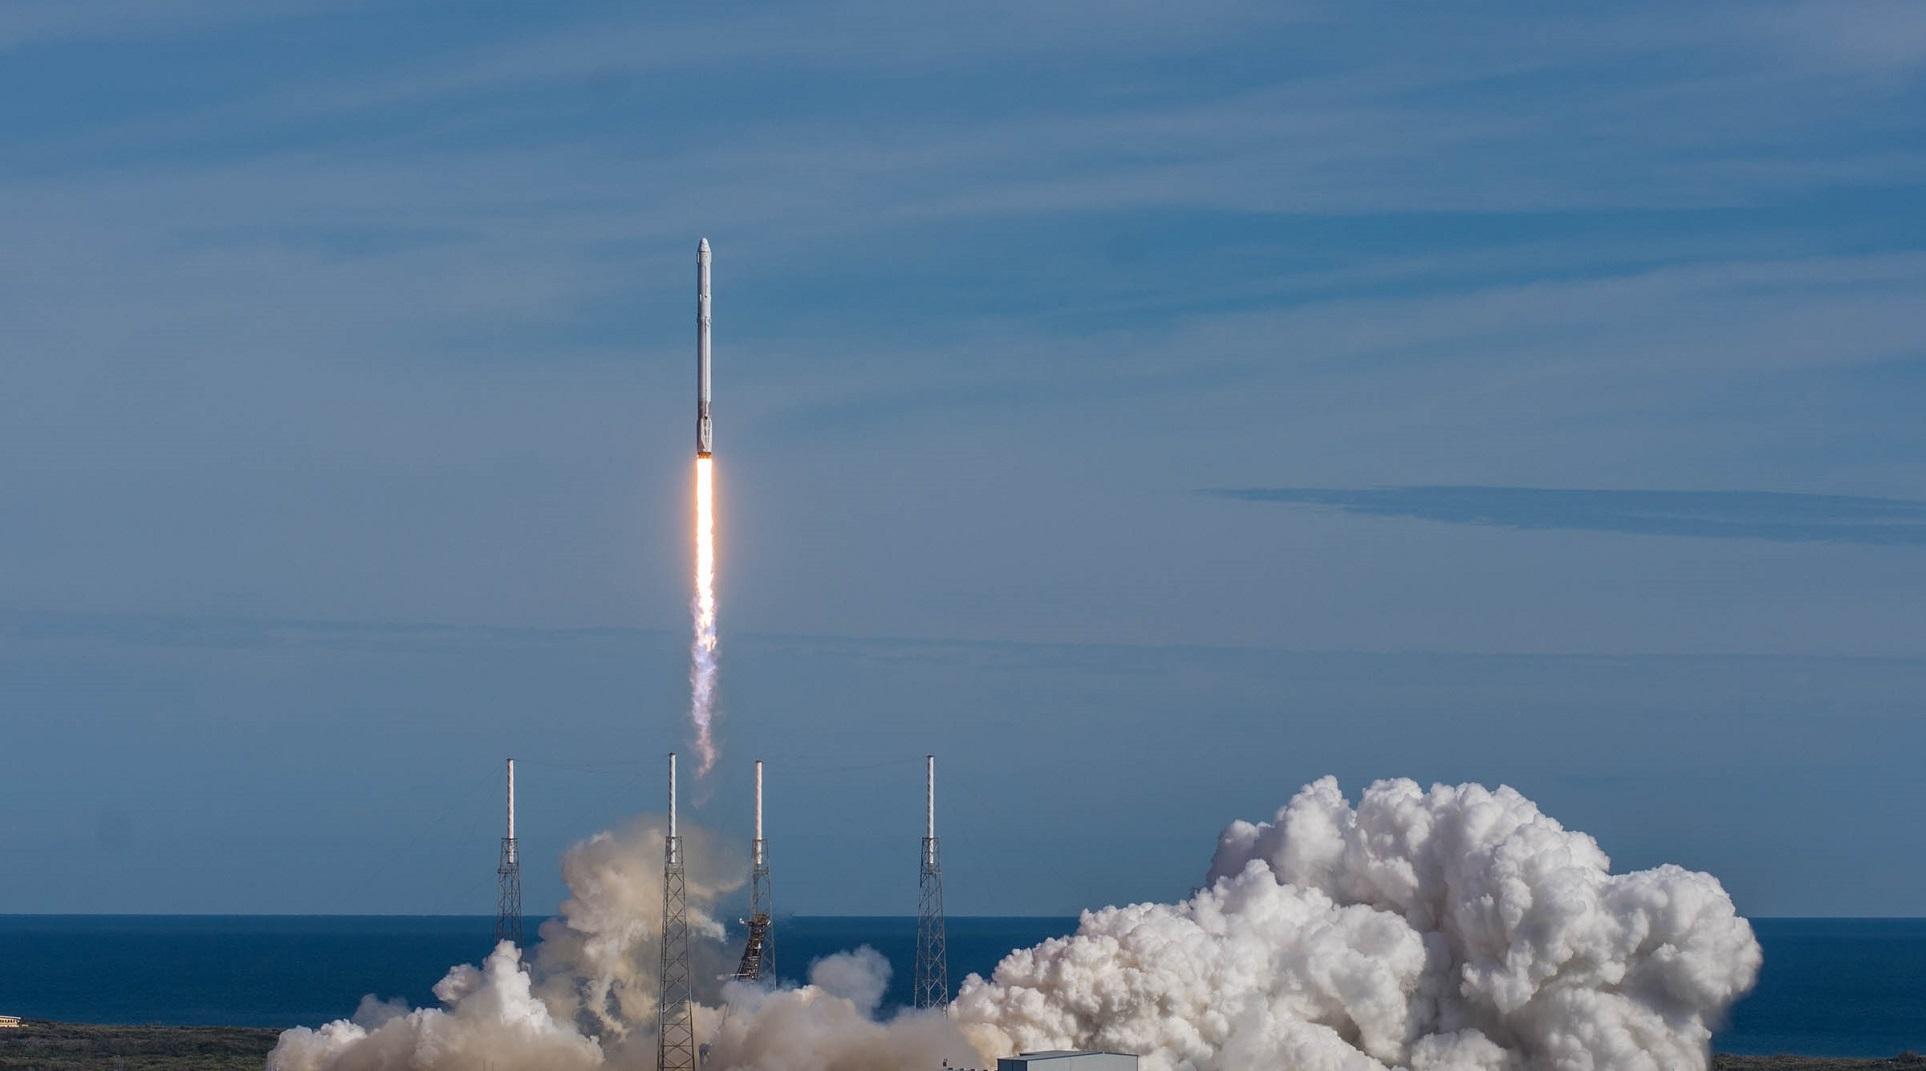 SpaceX lanzará misiones comerciales con Starship a partir de 2021